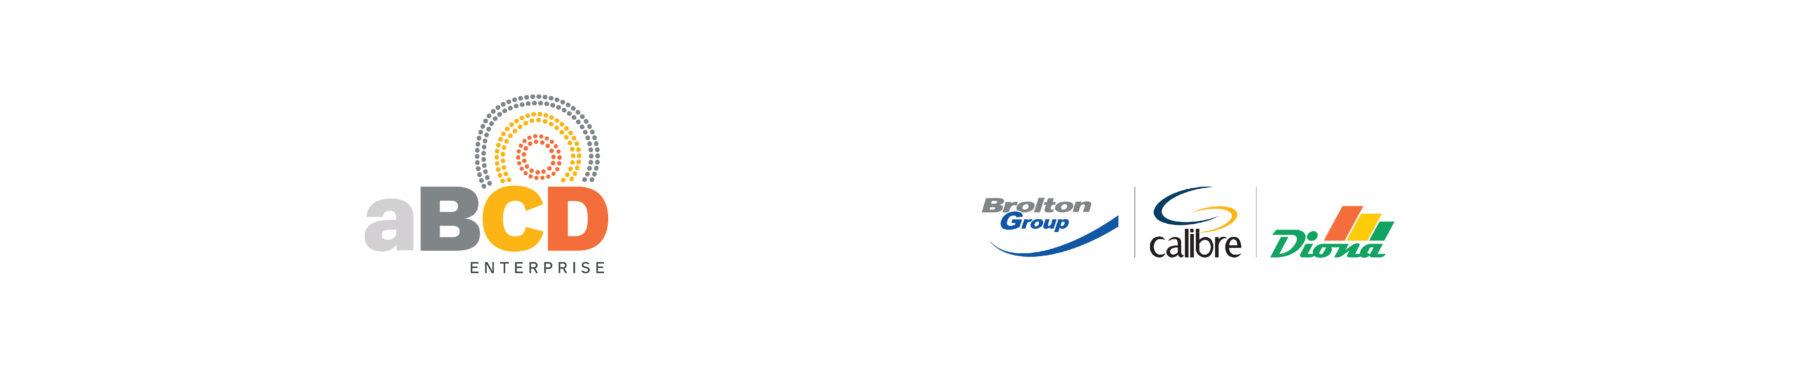 A BCD enterprise website 6